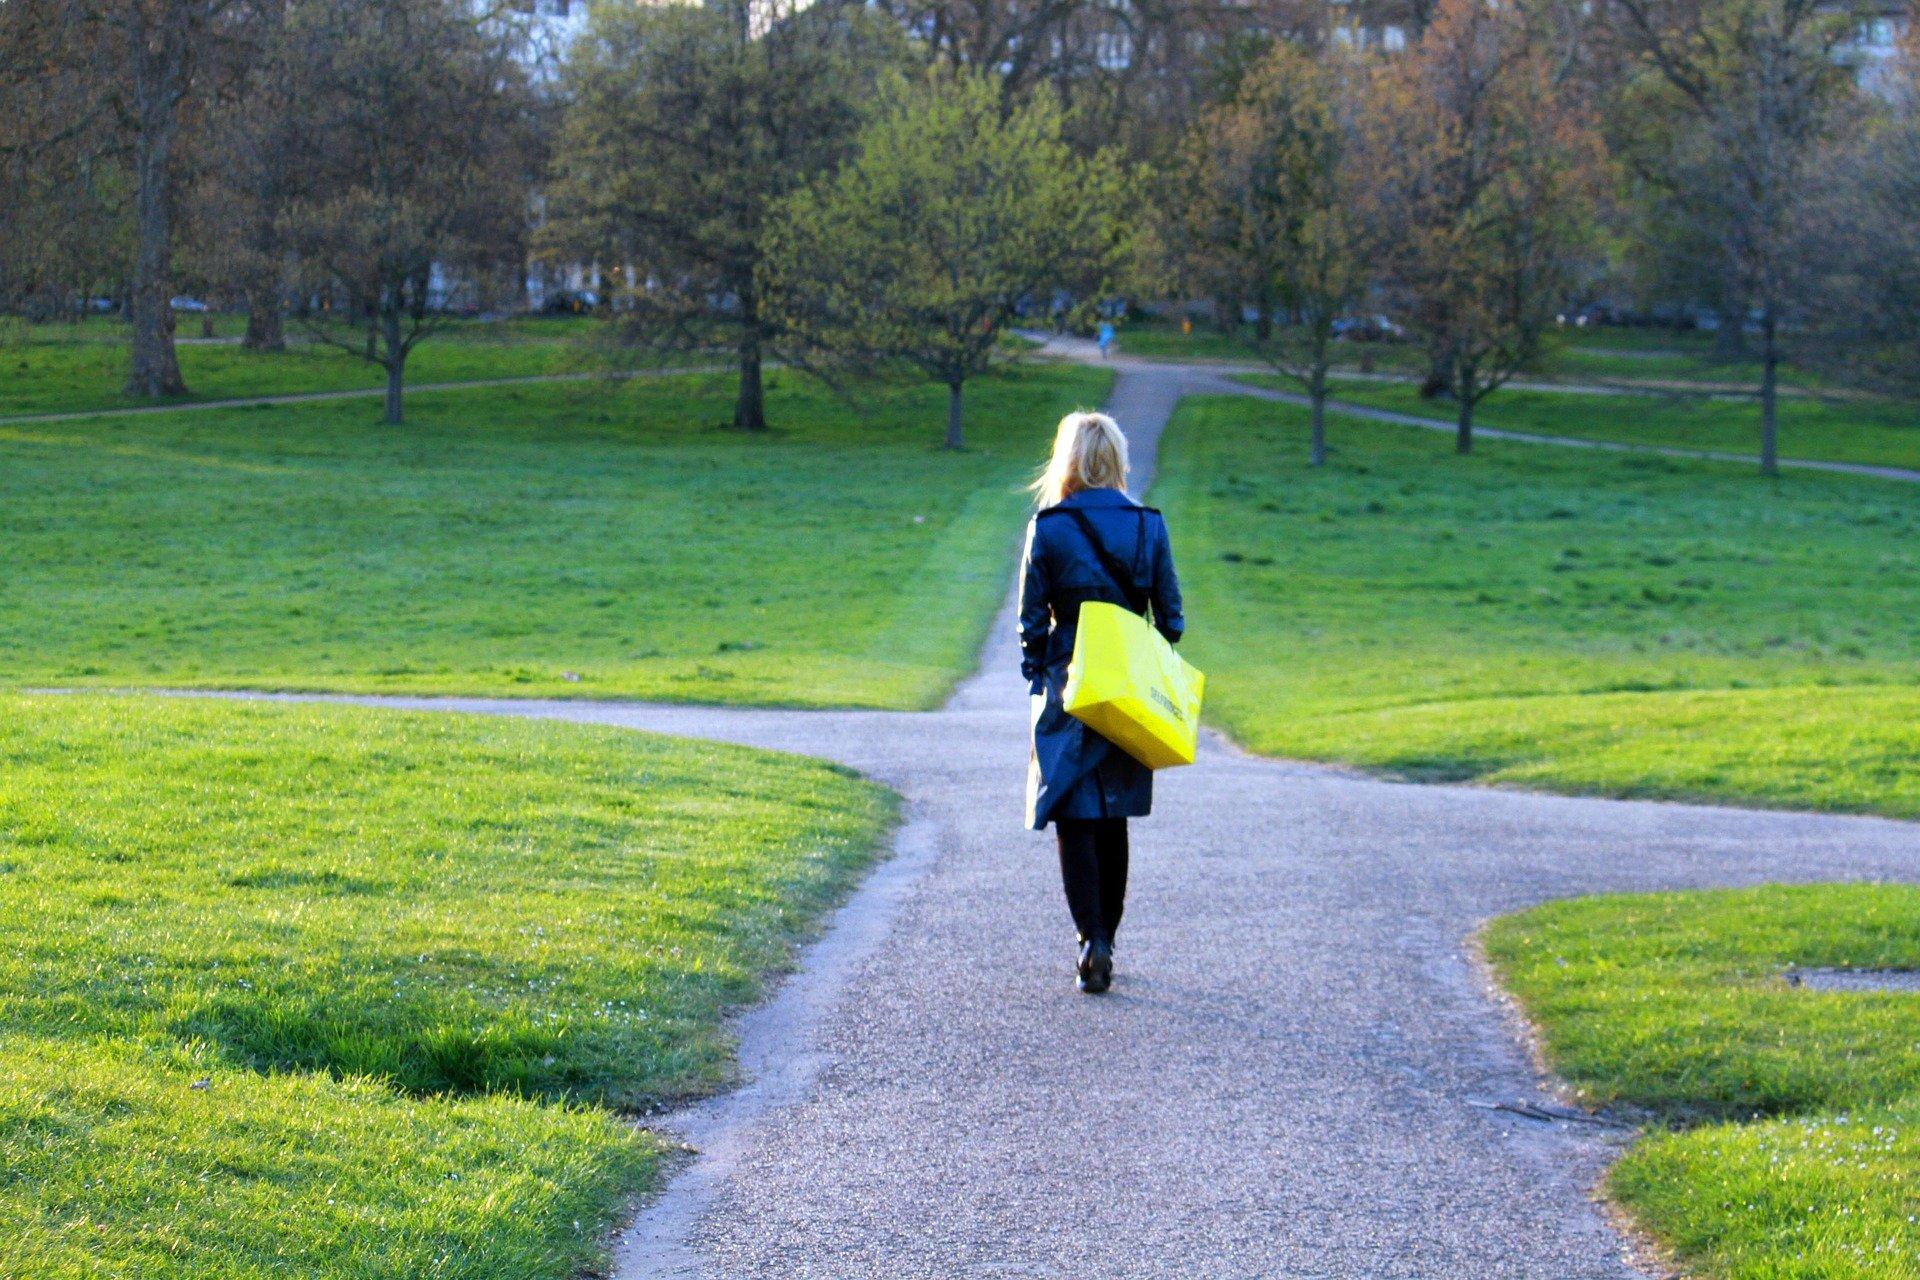 La ambivalencia ante el deseo de maternidad